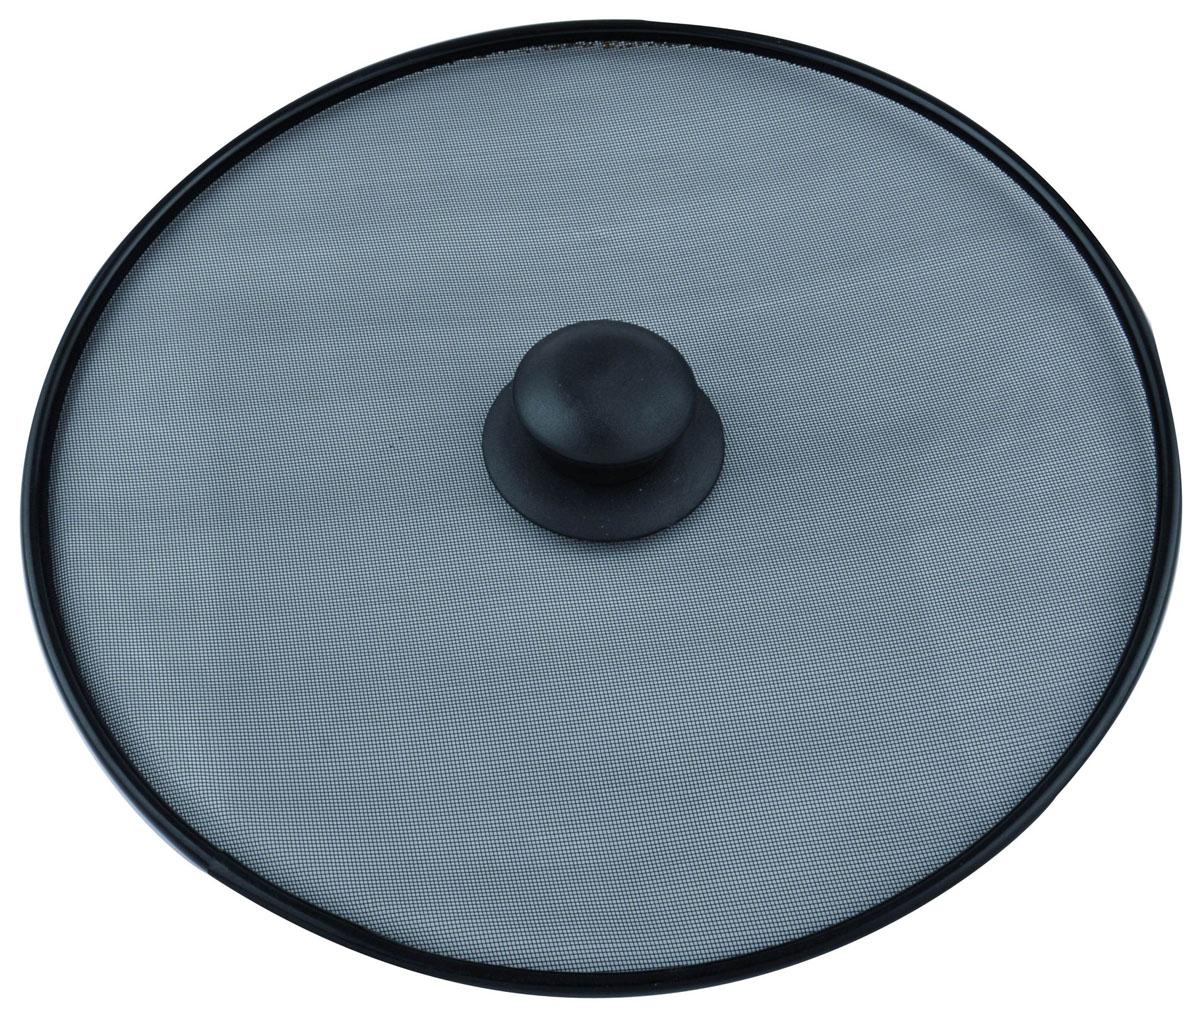 Крышка-защита от брызг Pronto. Диаметр 28 см. 93-PRO-35-28 сито regent inox pronto с пластиковой ручкой диаметр 12 5 см